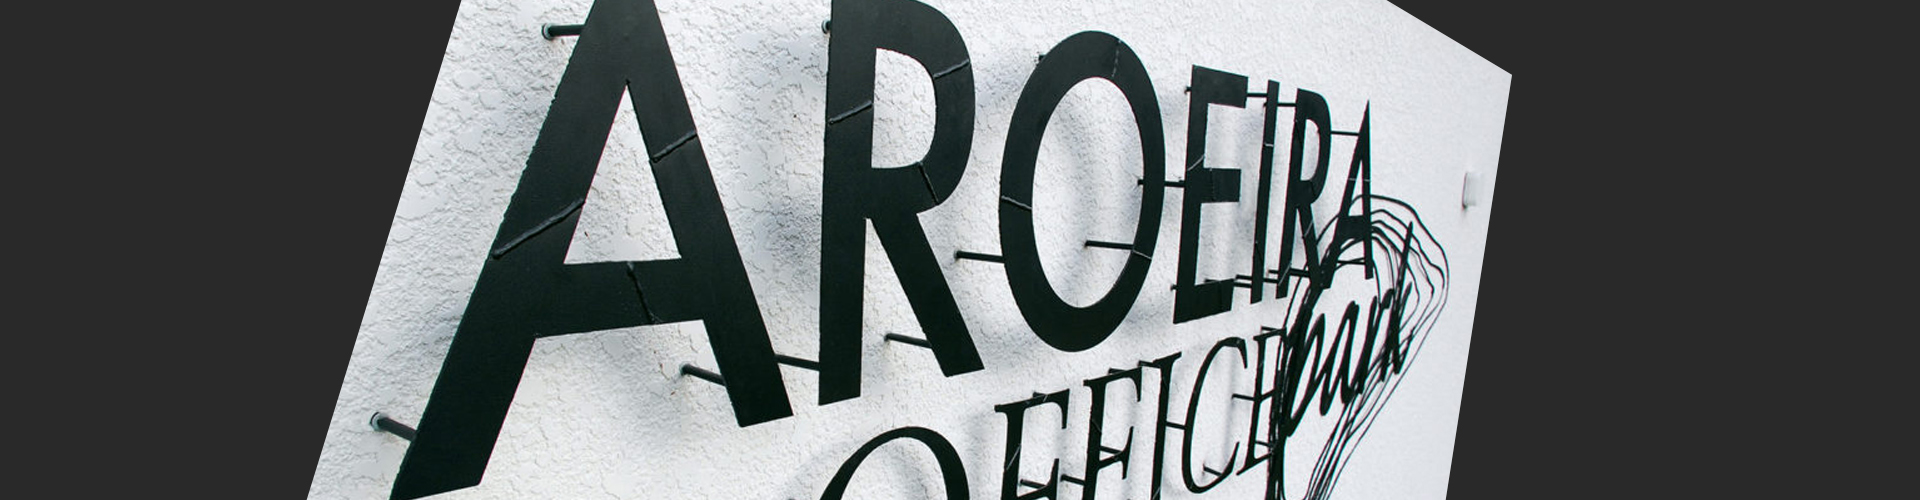 letra caixa  - comunicação visual promidia banner home